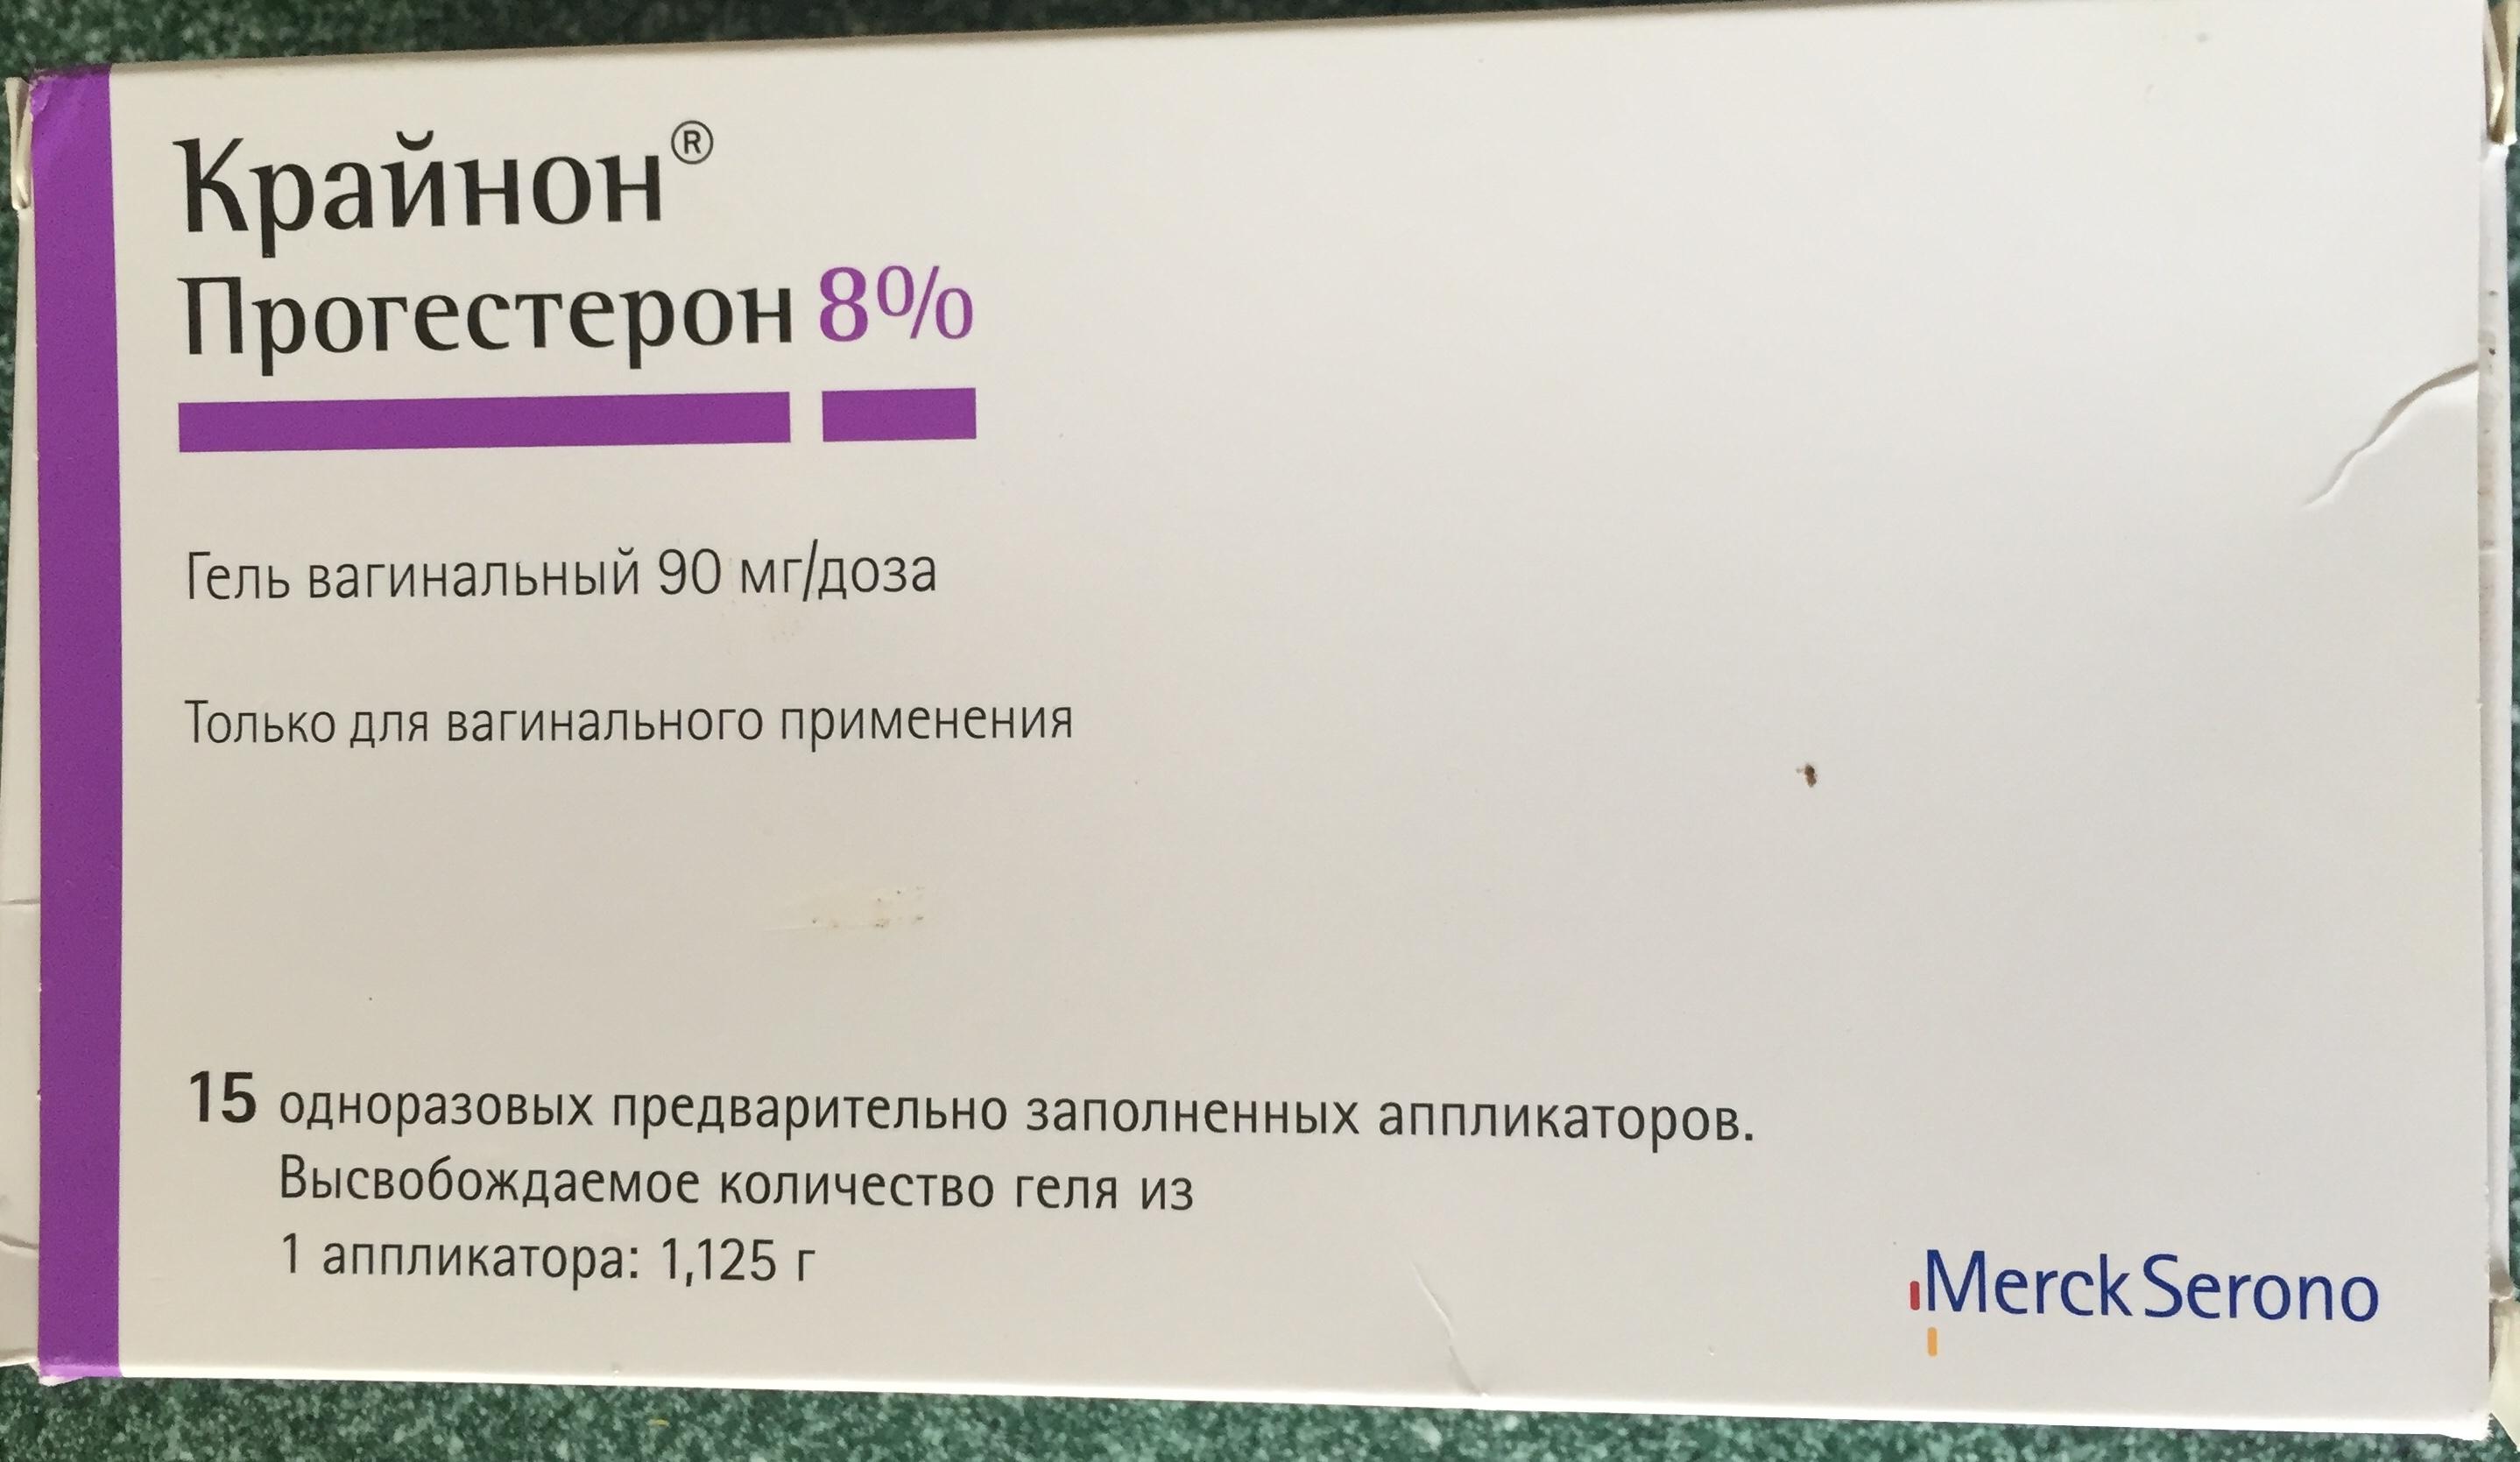 Крайнон гель вагинальный 90мг/доз апплик 1,125г №15